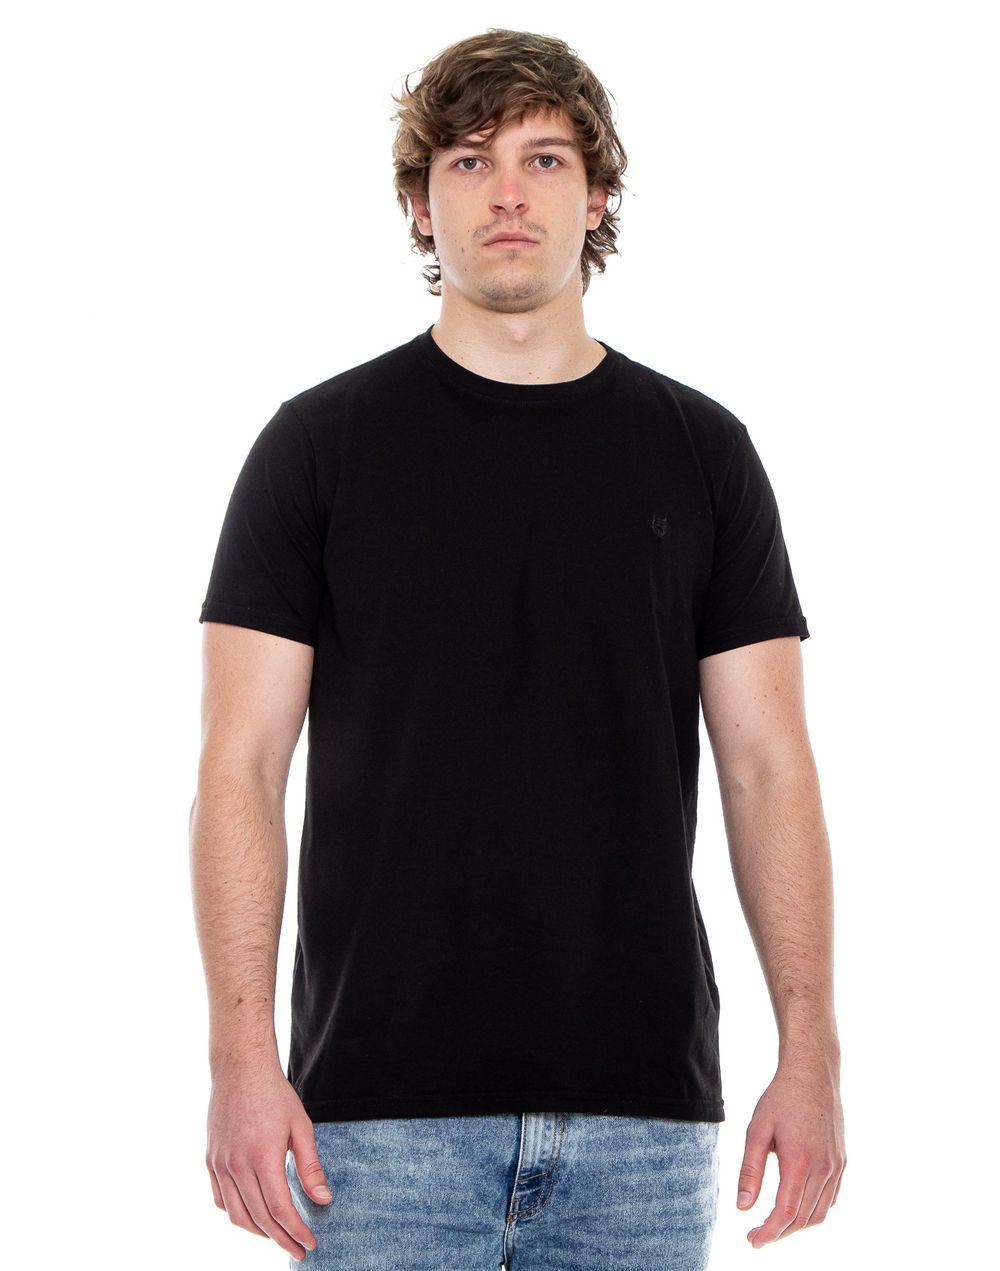 camiseta-112390-negro-1.jpg